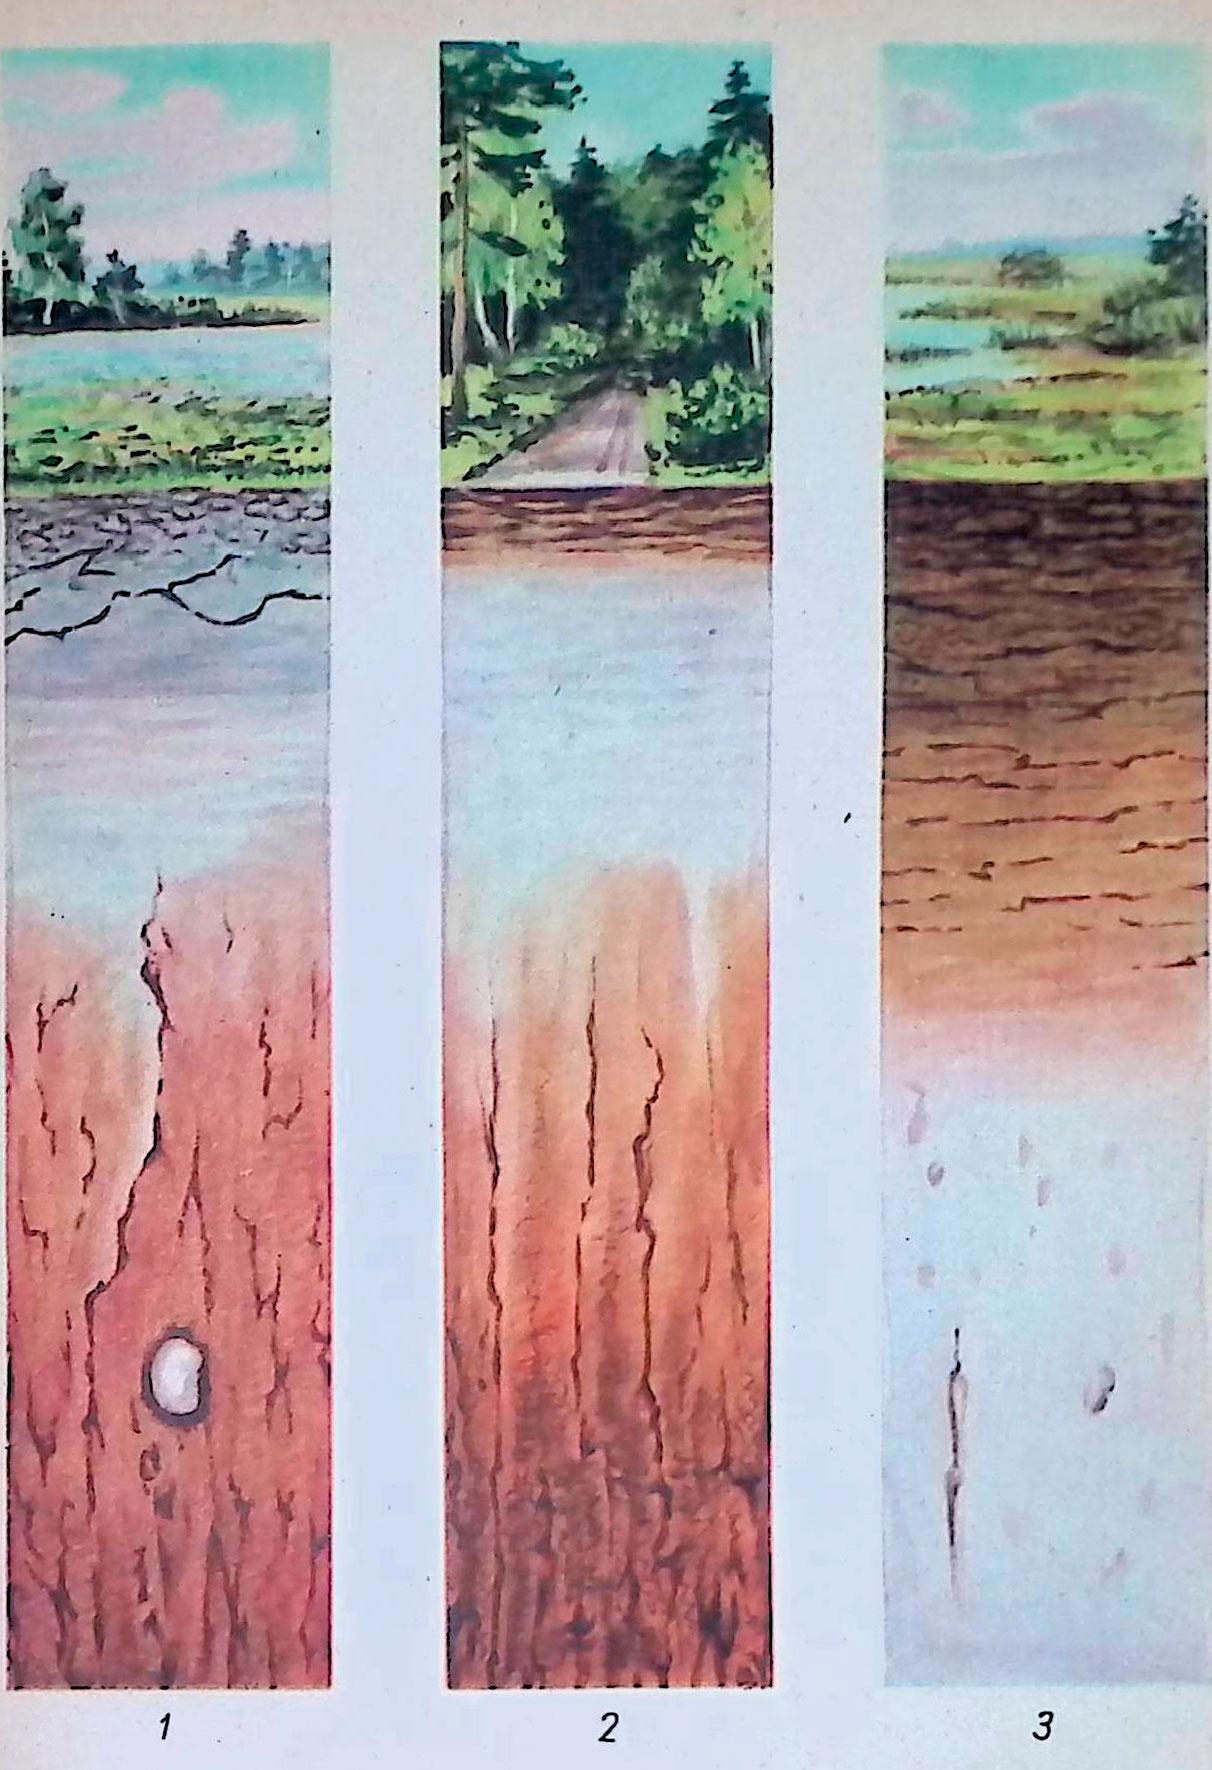 дерново - подзолистая почва; 2— подзол; 3—профиль лугового торфяника